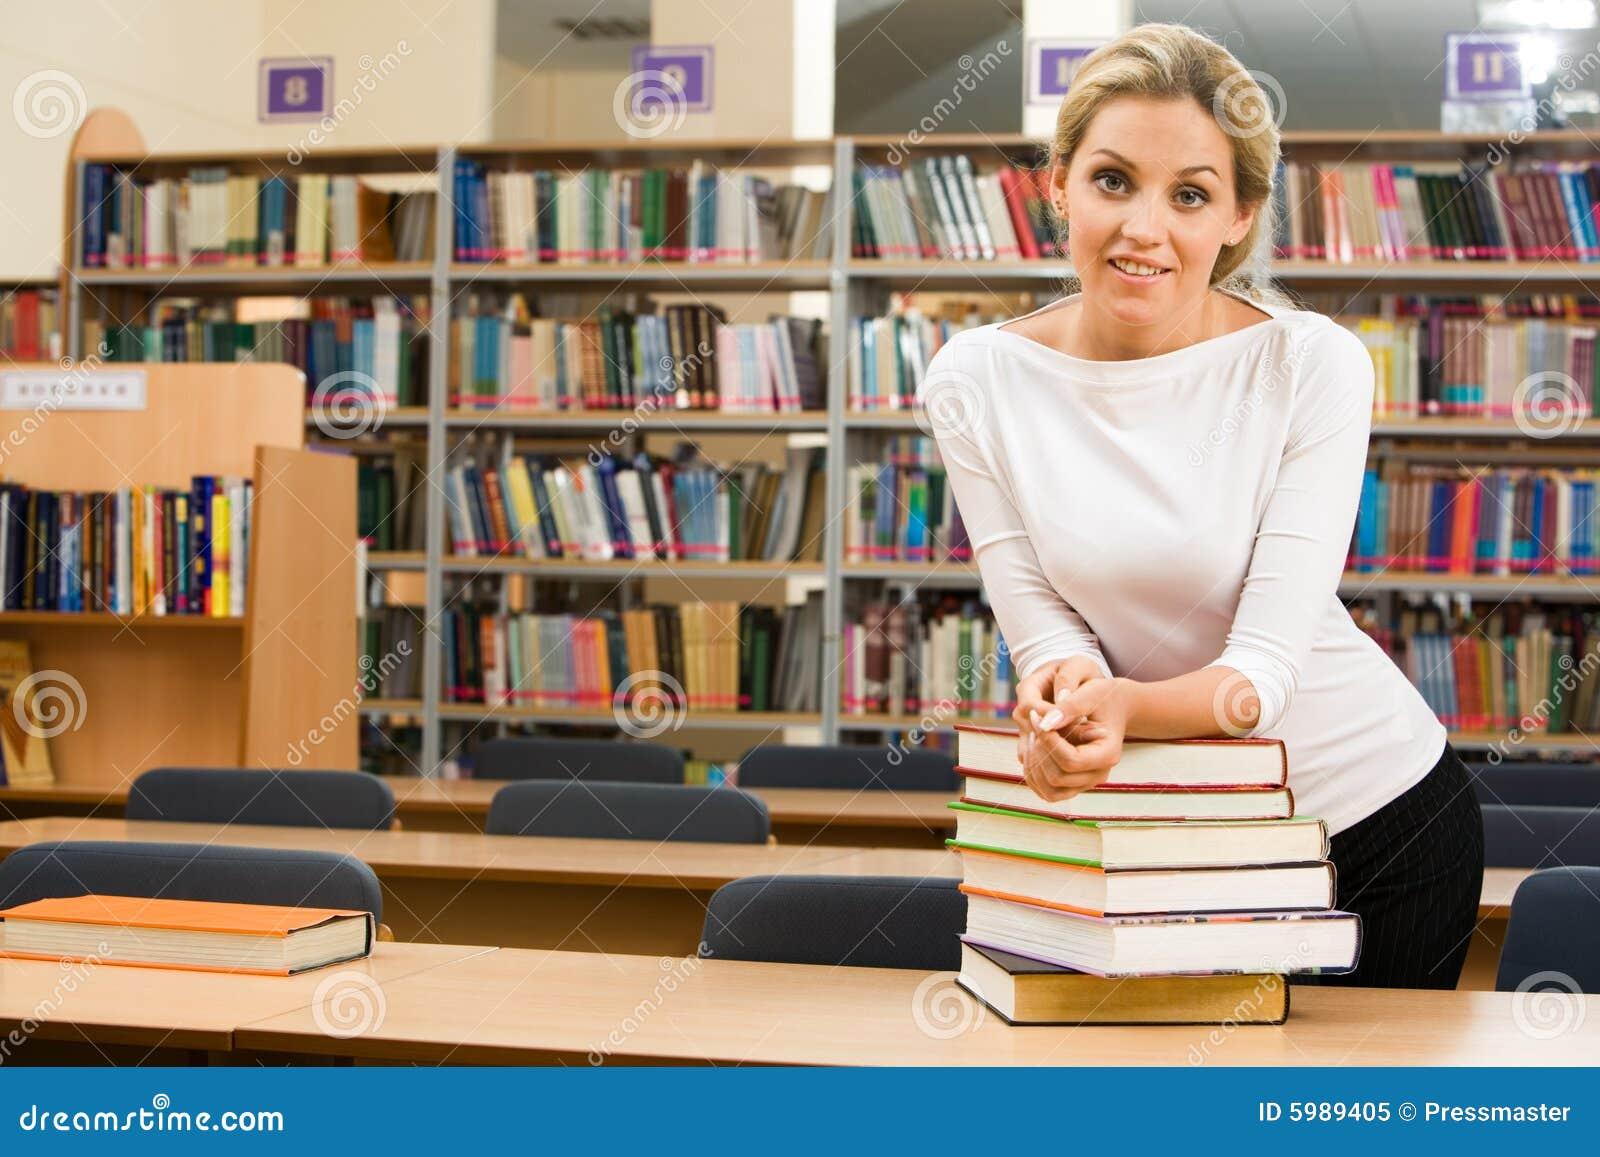 Nella libreria